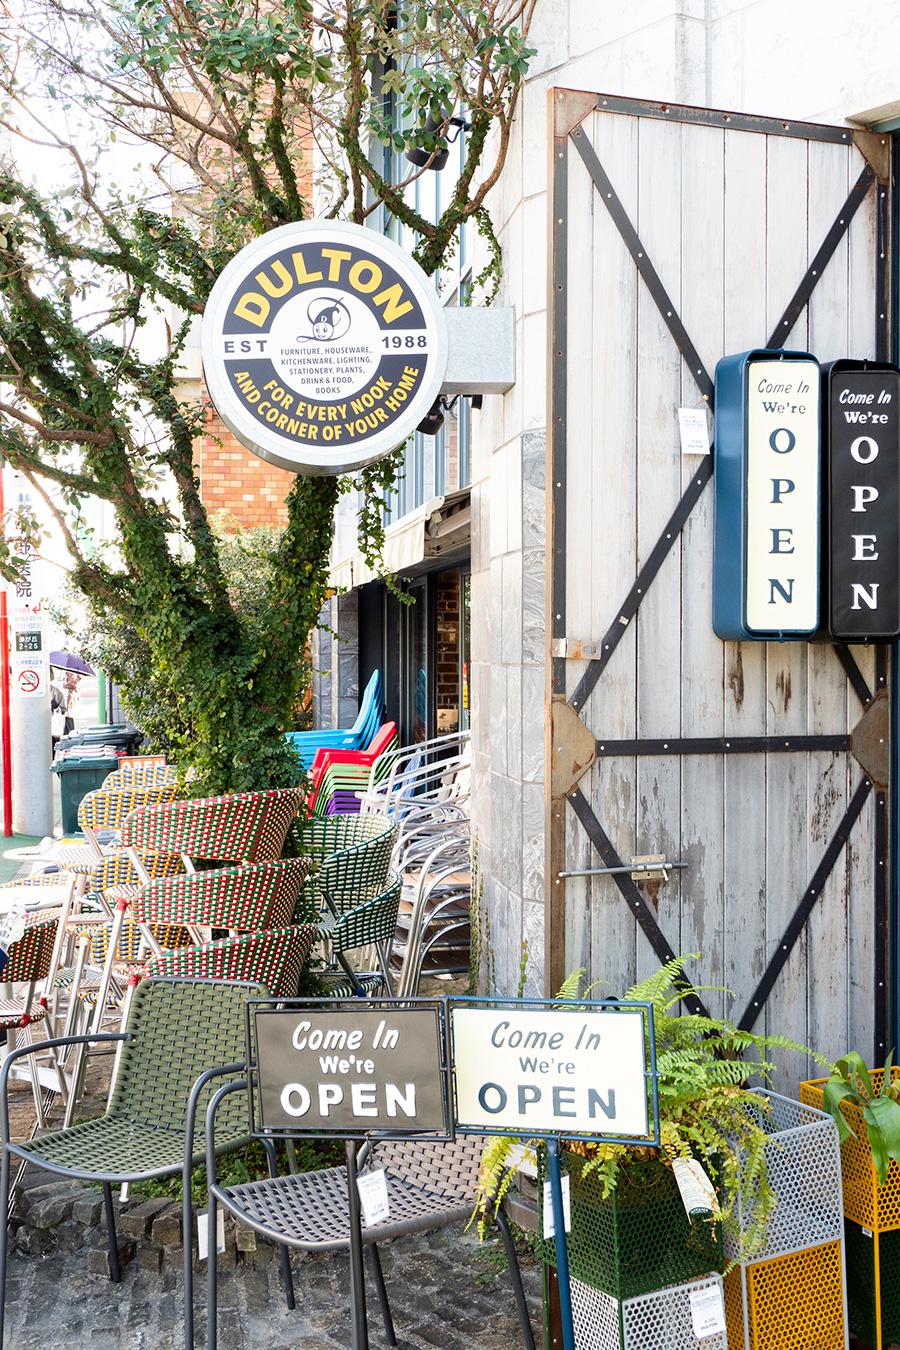 「DULTON」自由が丘店。4フロアに様々な家具と雑貨をラインナップしている。